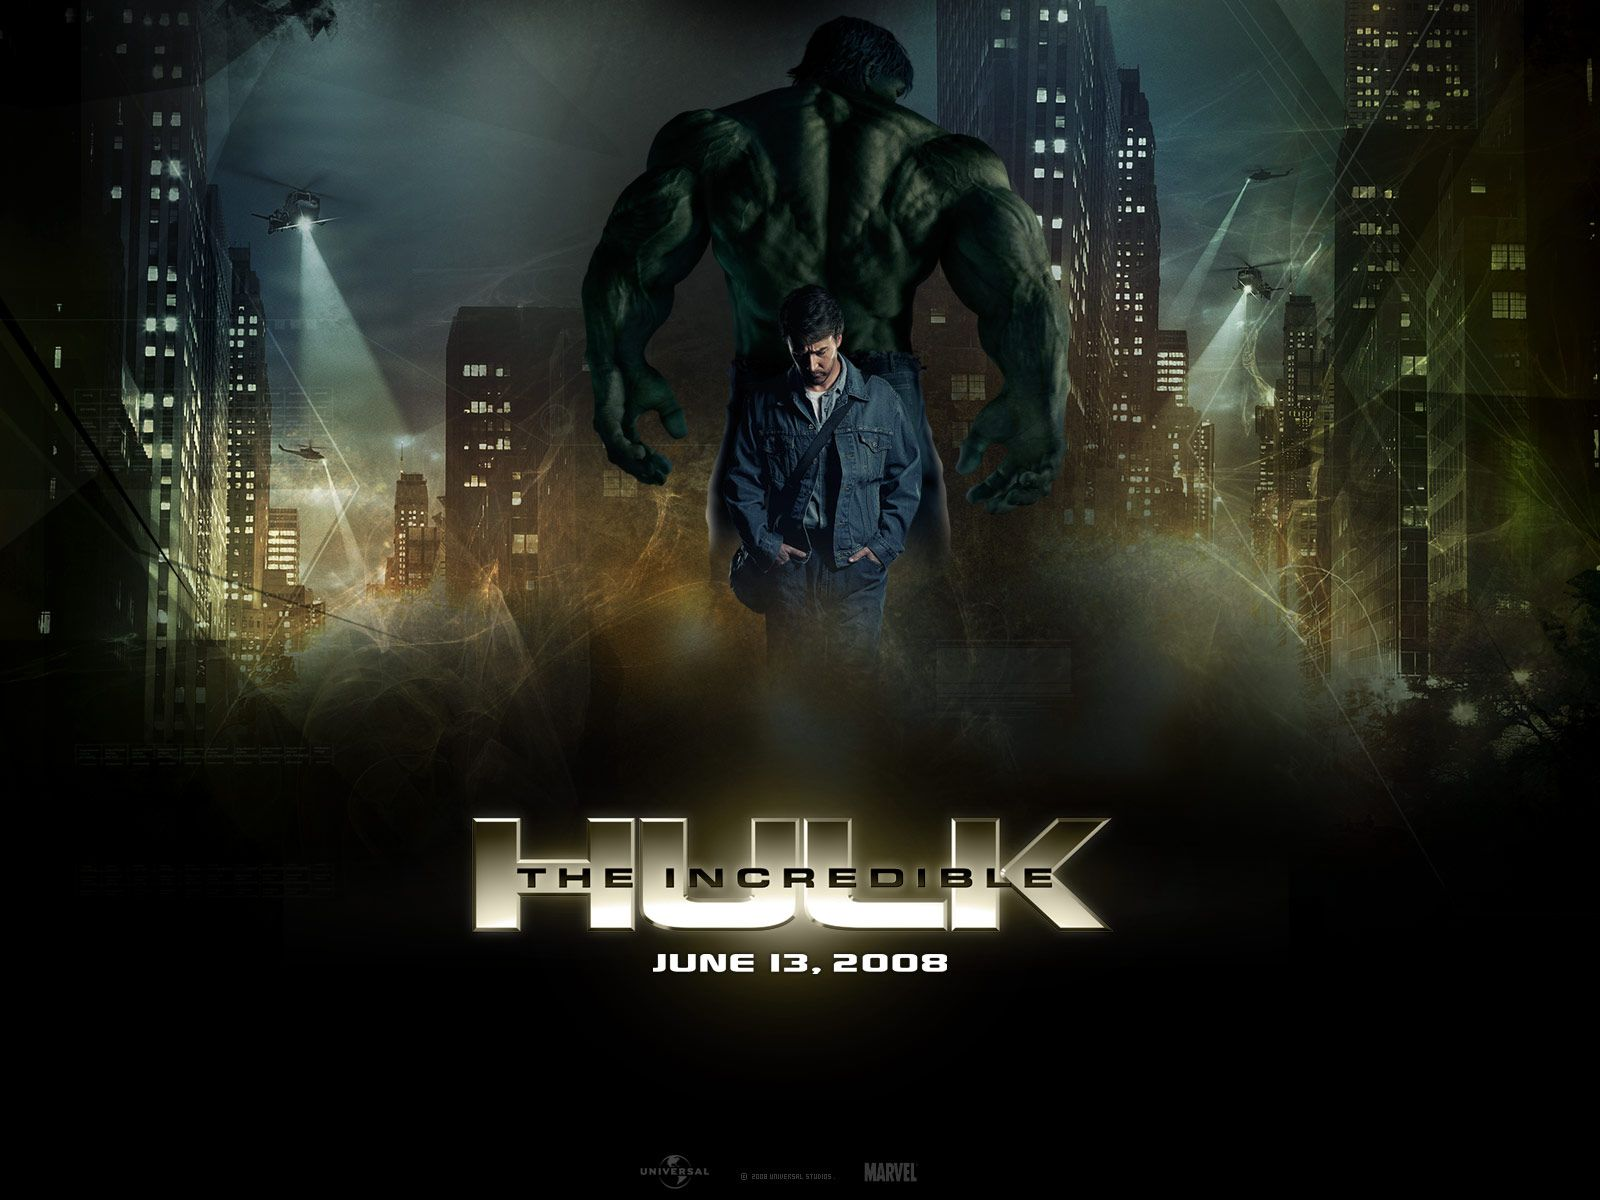 Edward Norton Brilliant As Ever The Incredible Hulk 2008 The Incredible Hulk Movie Incredible Hulk